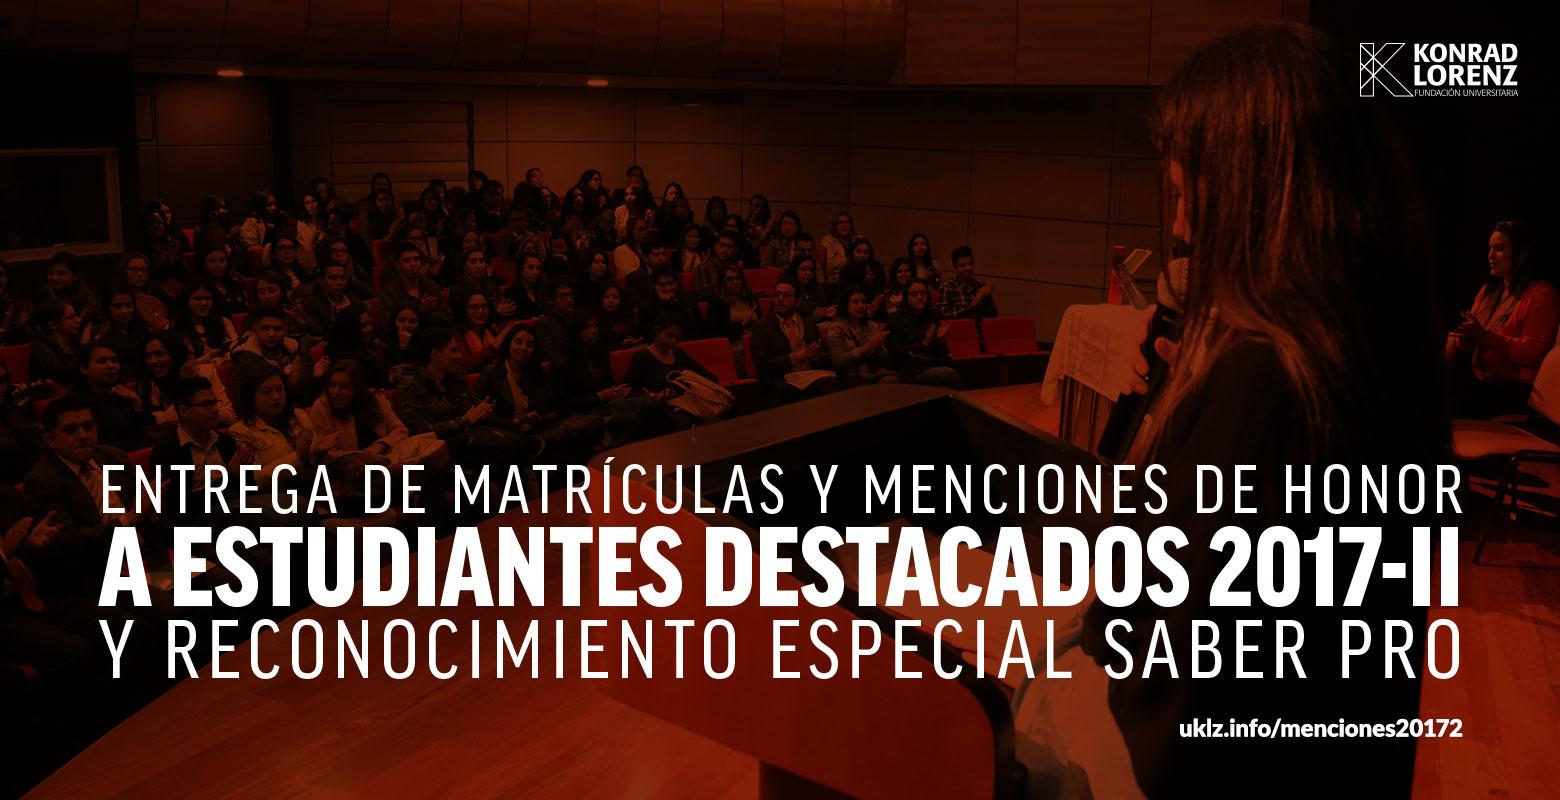 Entrega de Matrículas y Menciones de Honor a Estudiantes Destacados 2017-II